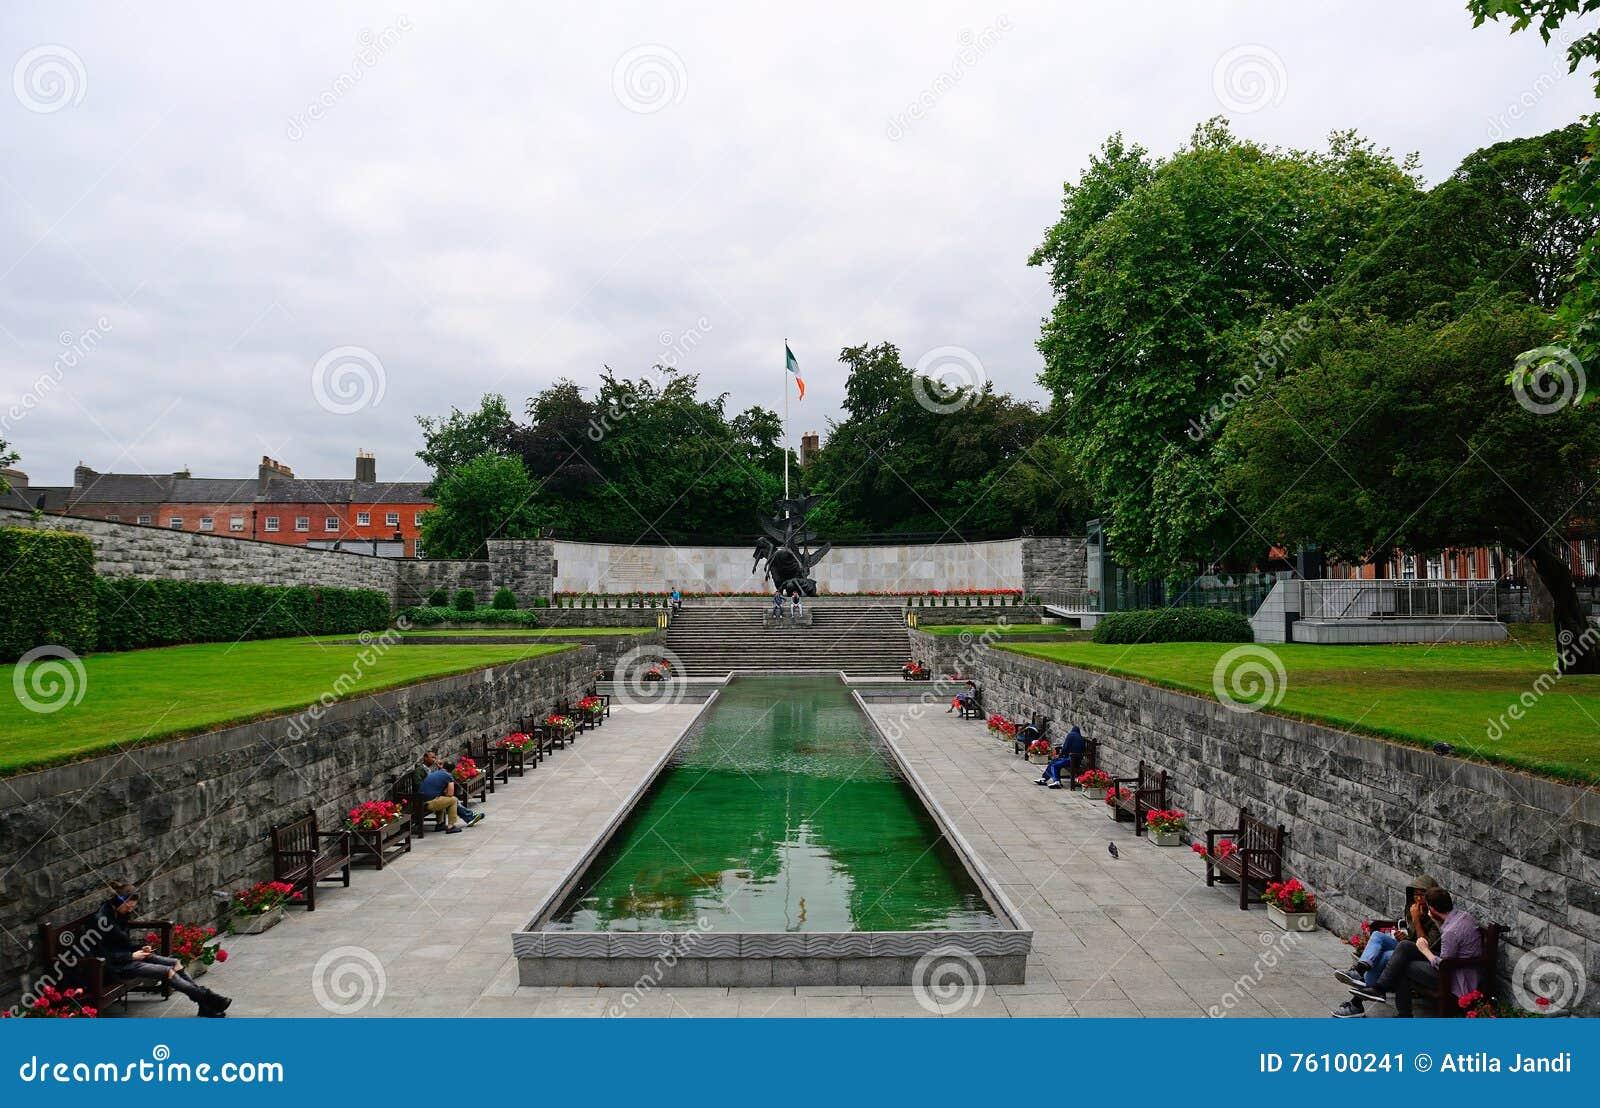 Κήπος της ενθύμησης, Δουβλίνο, Ιρλανδία